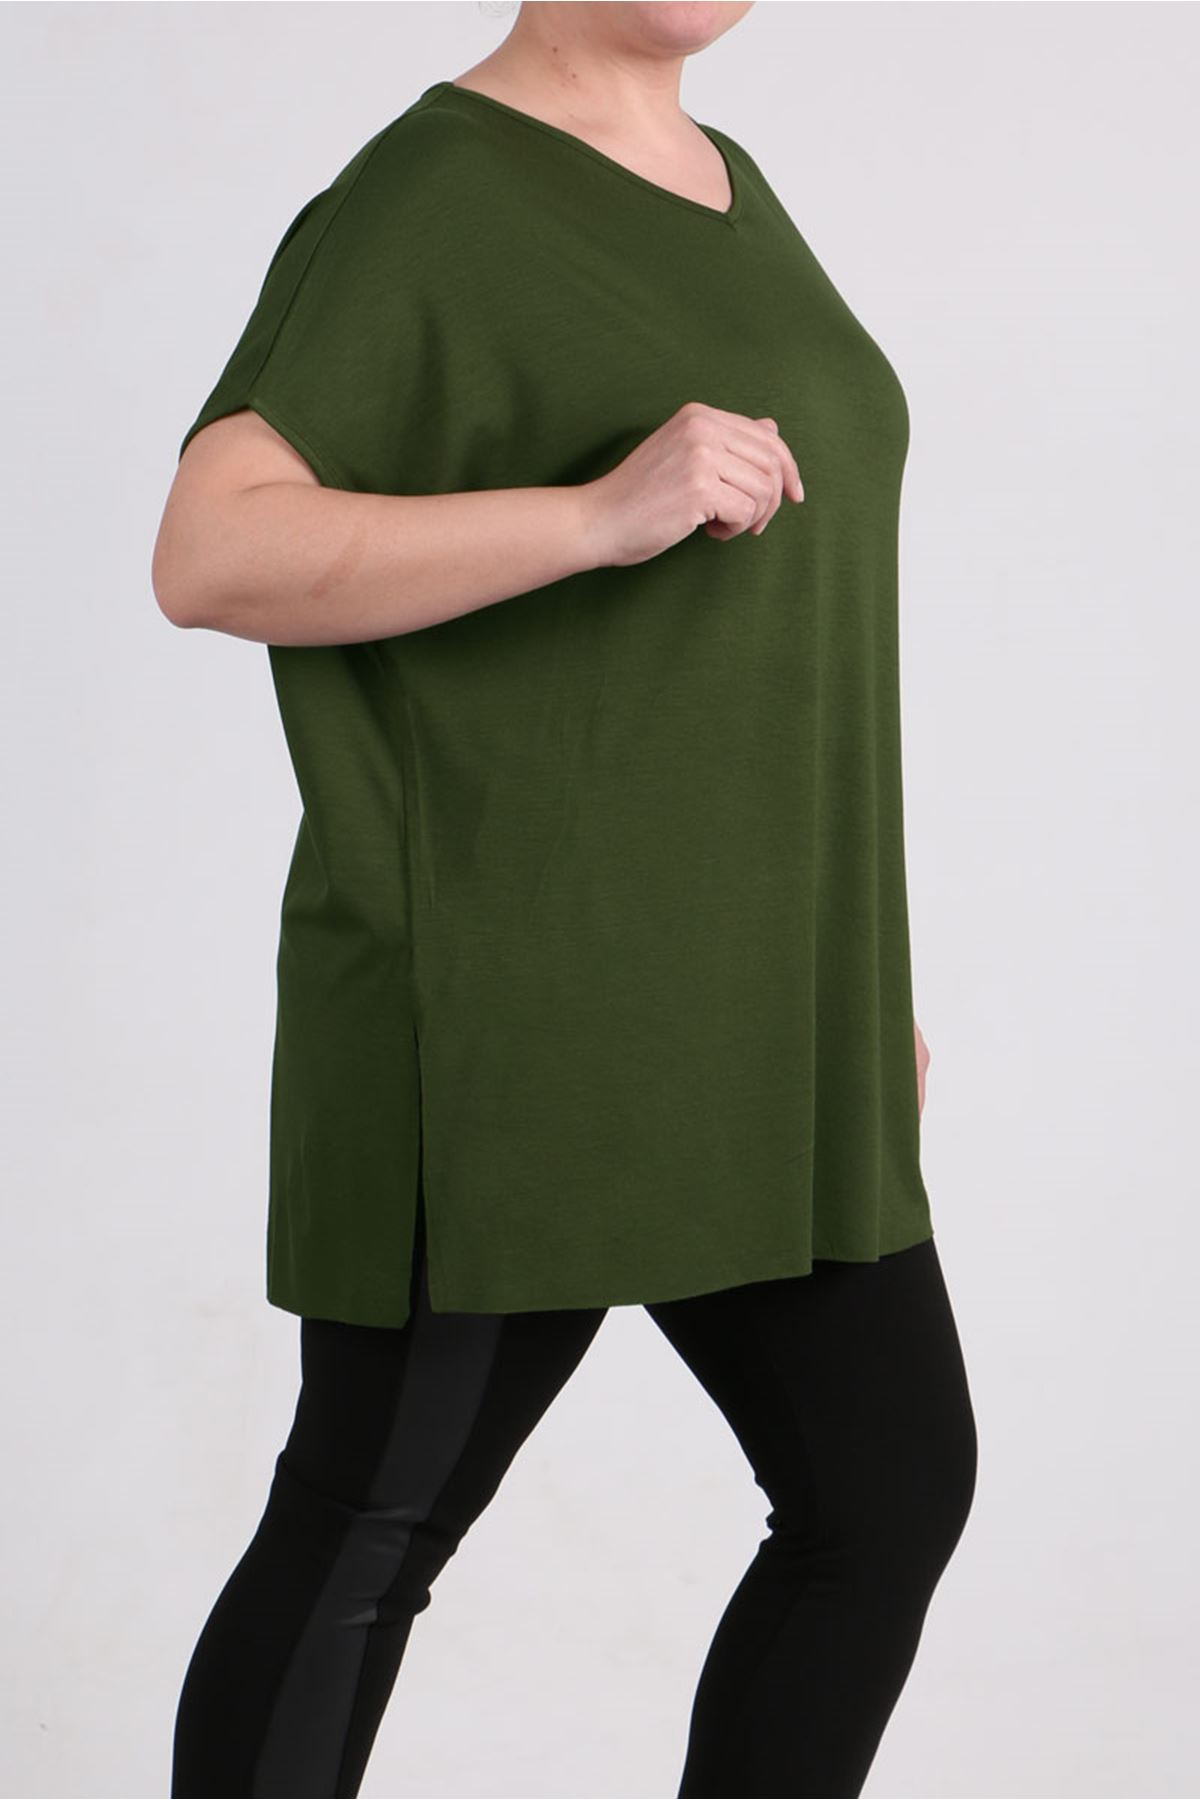 8528 Oversized Basic T-Shirt - Khaki